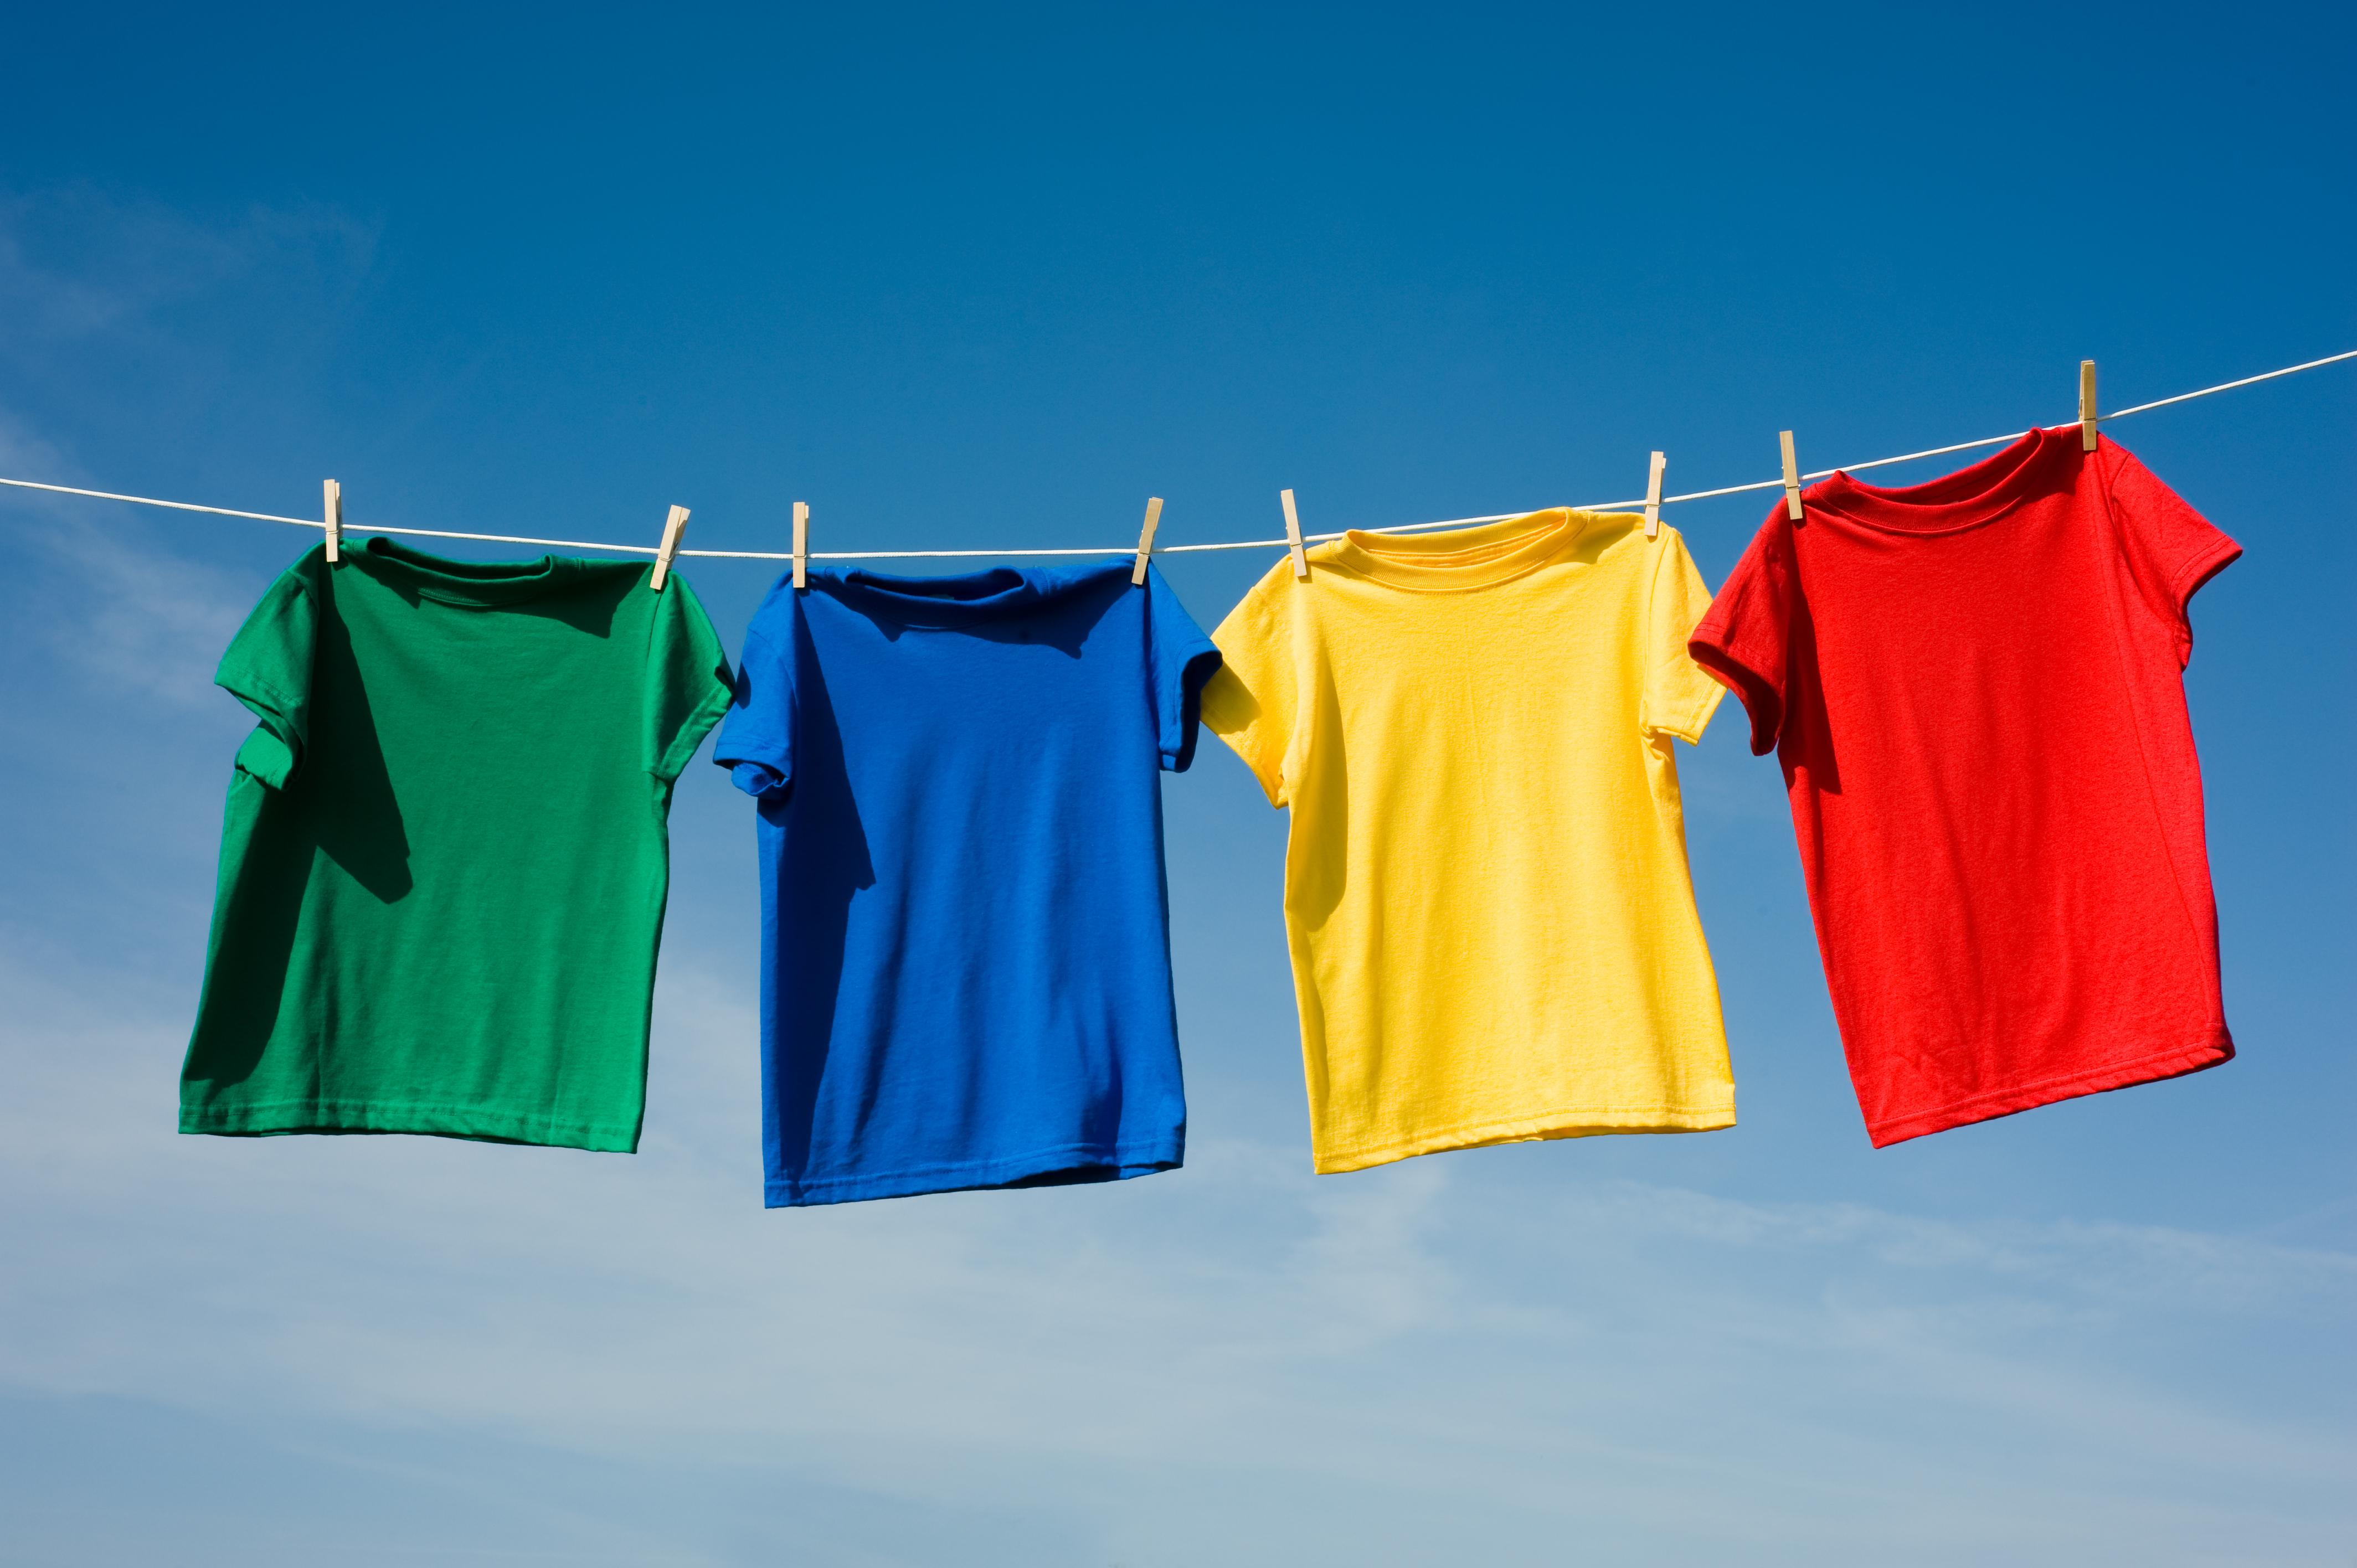 Tøj, der hænger til tørre.